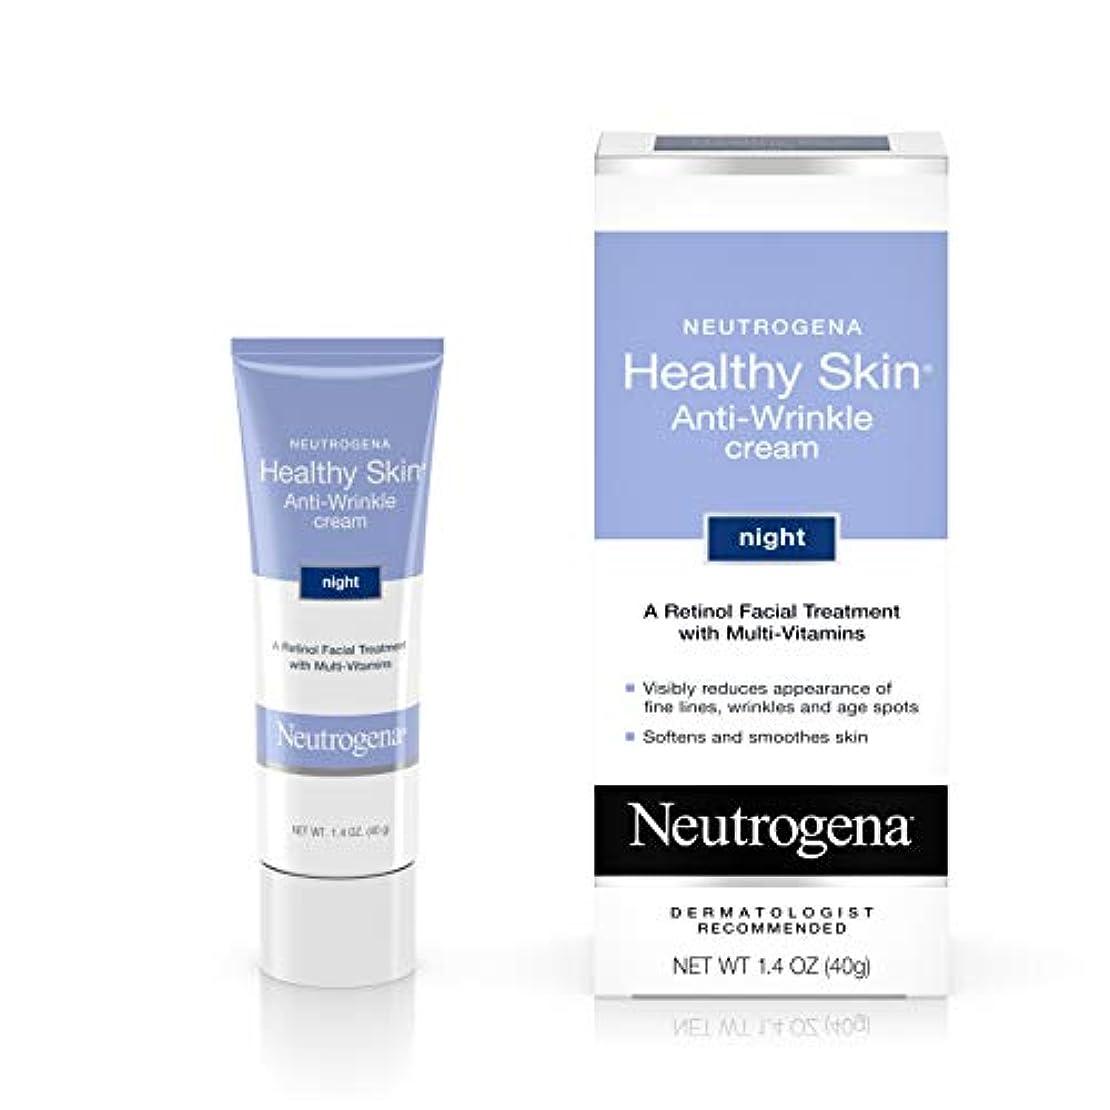 麻酔薬復活一掃する海外直送肘 Neutrogena Healthy Skin Anti-Wrinkle Night Cream, 1.4 oz